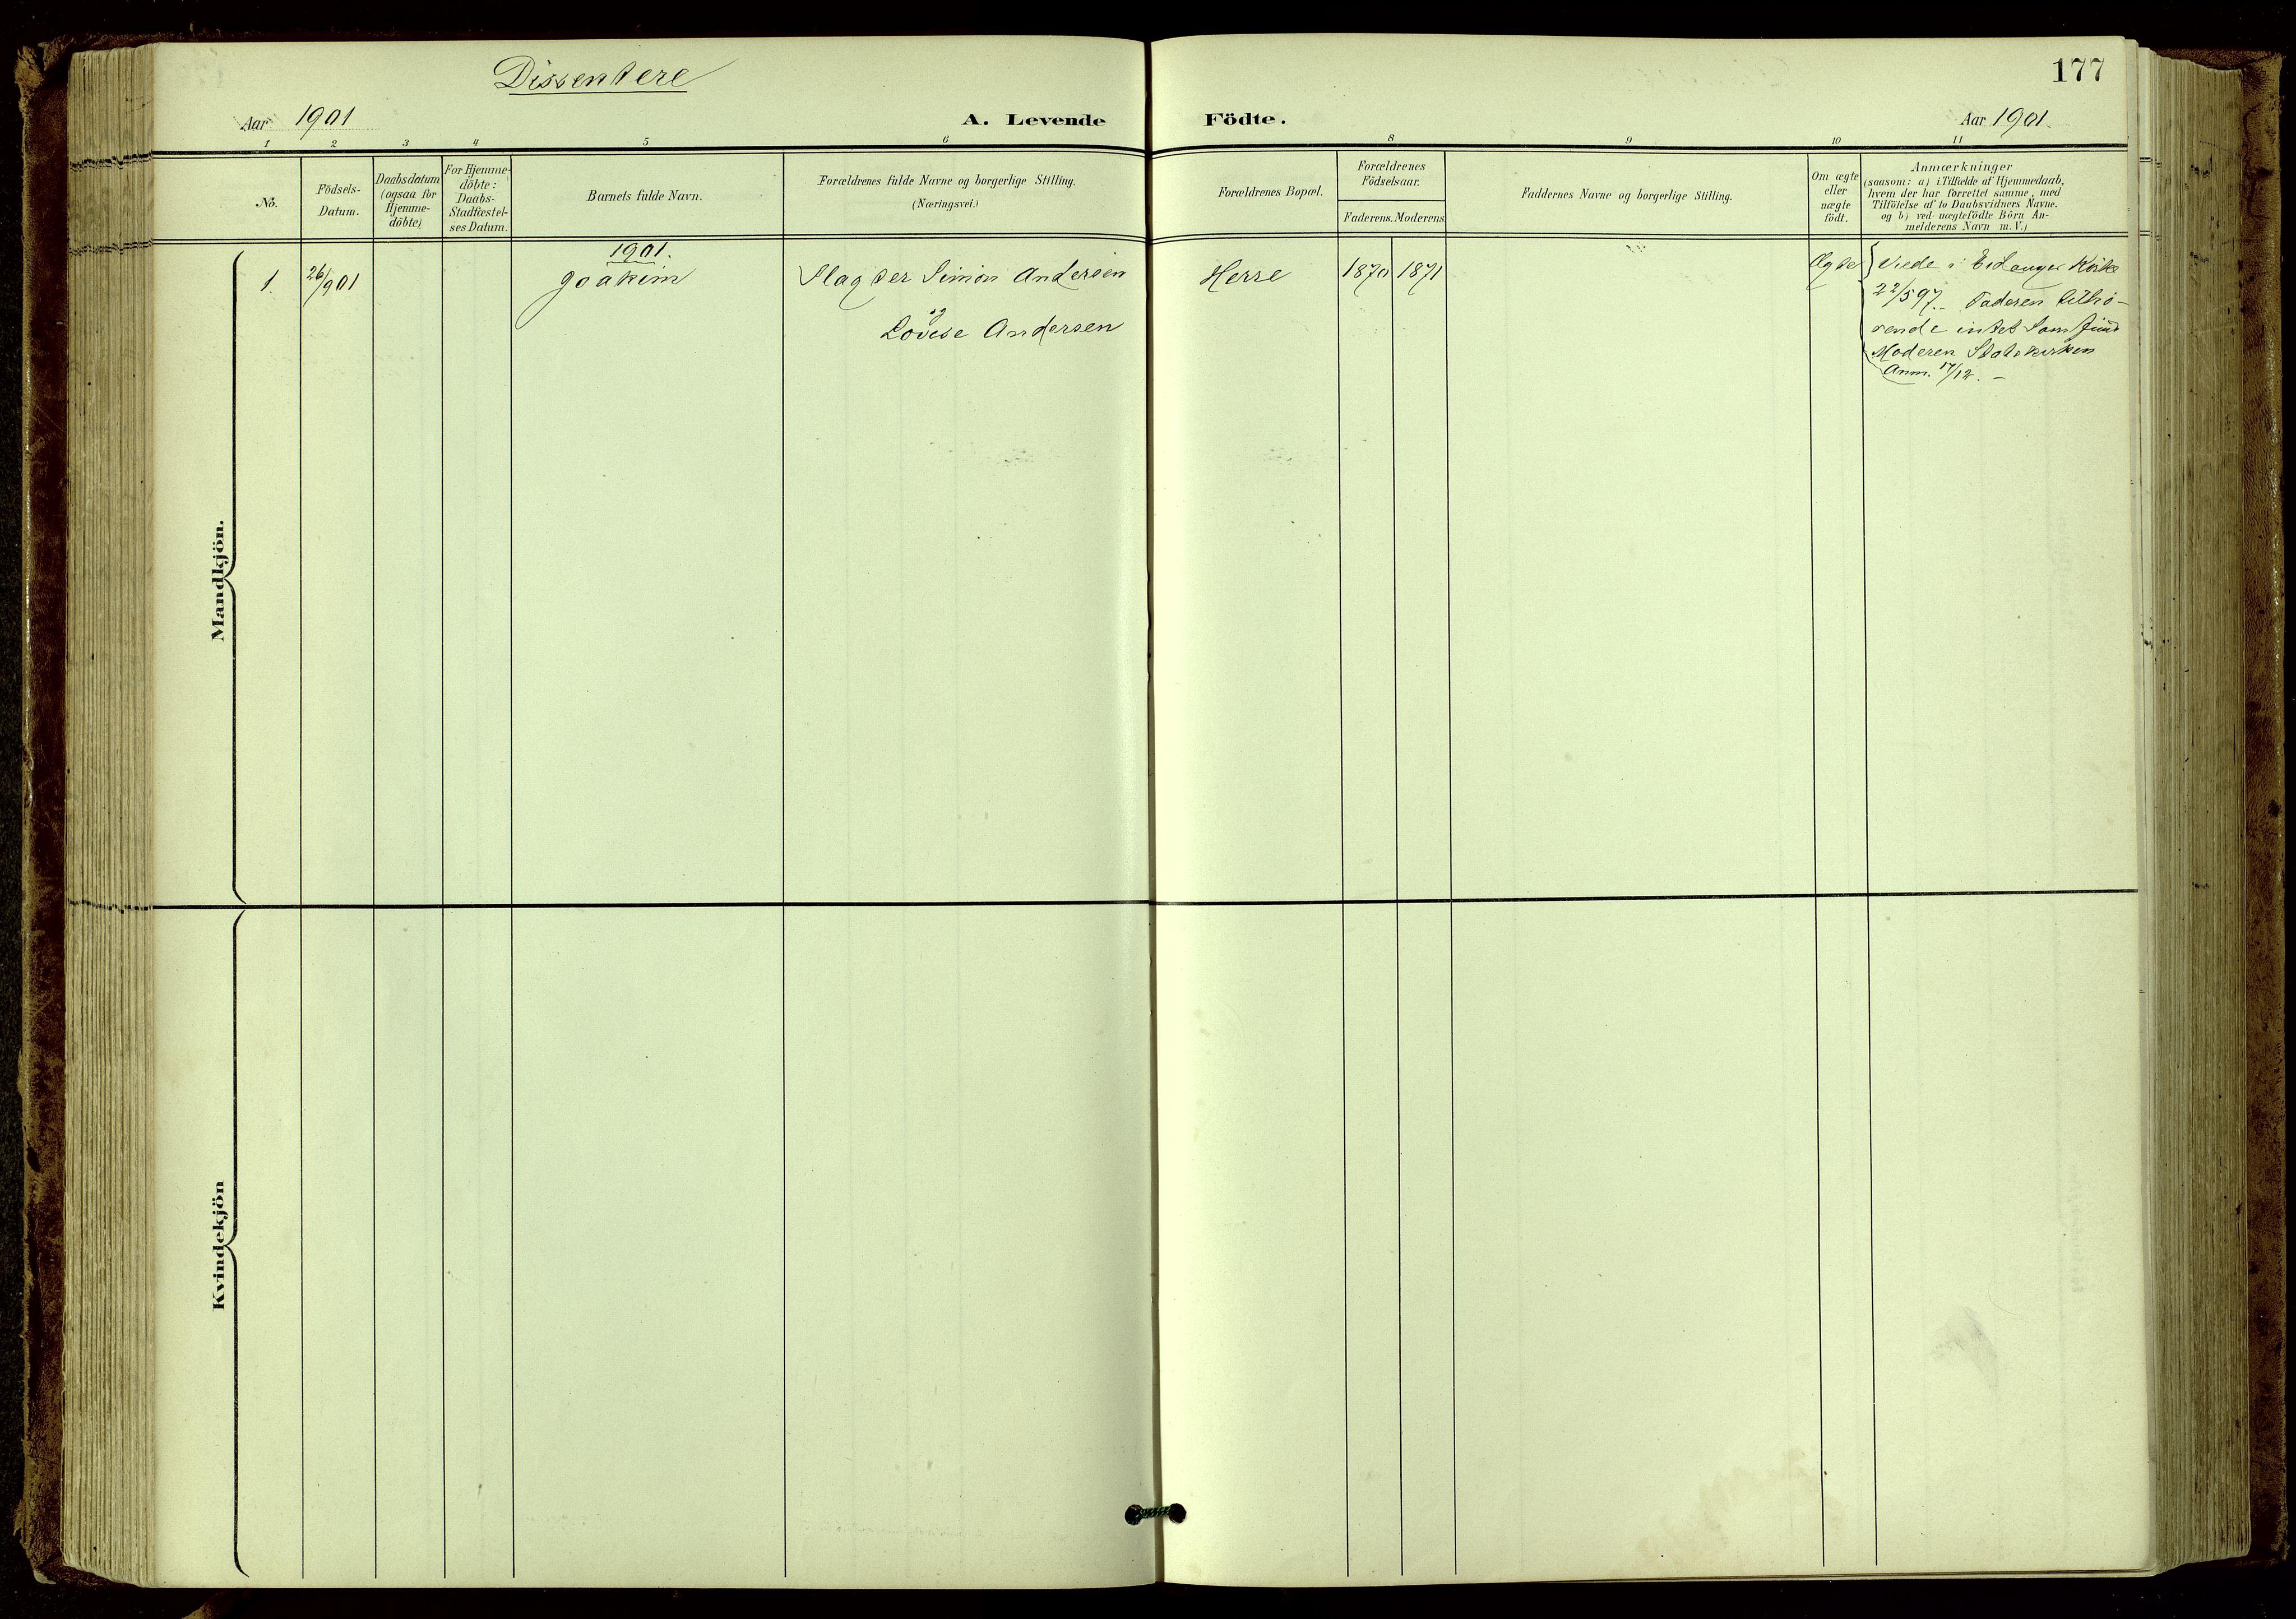 SAKO, Bamble kirkebøker, G/Ga/L0010: Klokkerbok nr. I 10, 1901-1919, s. 177